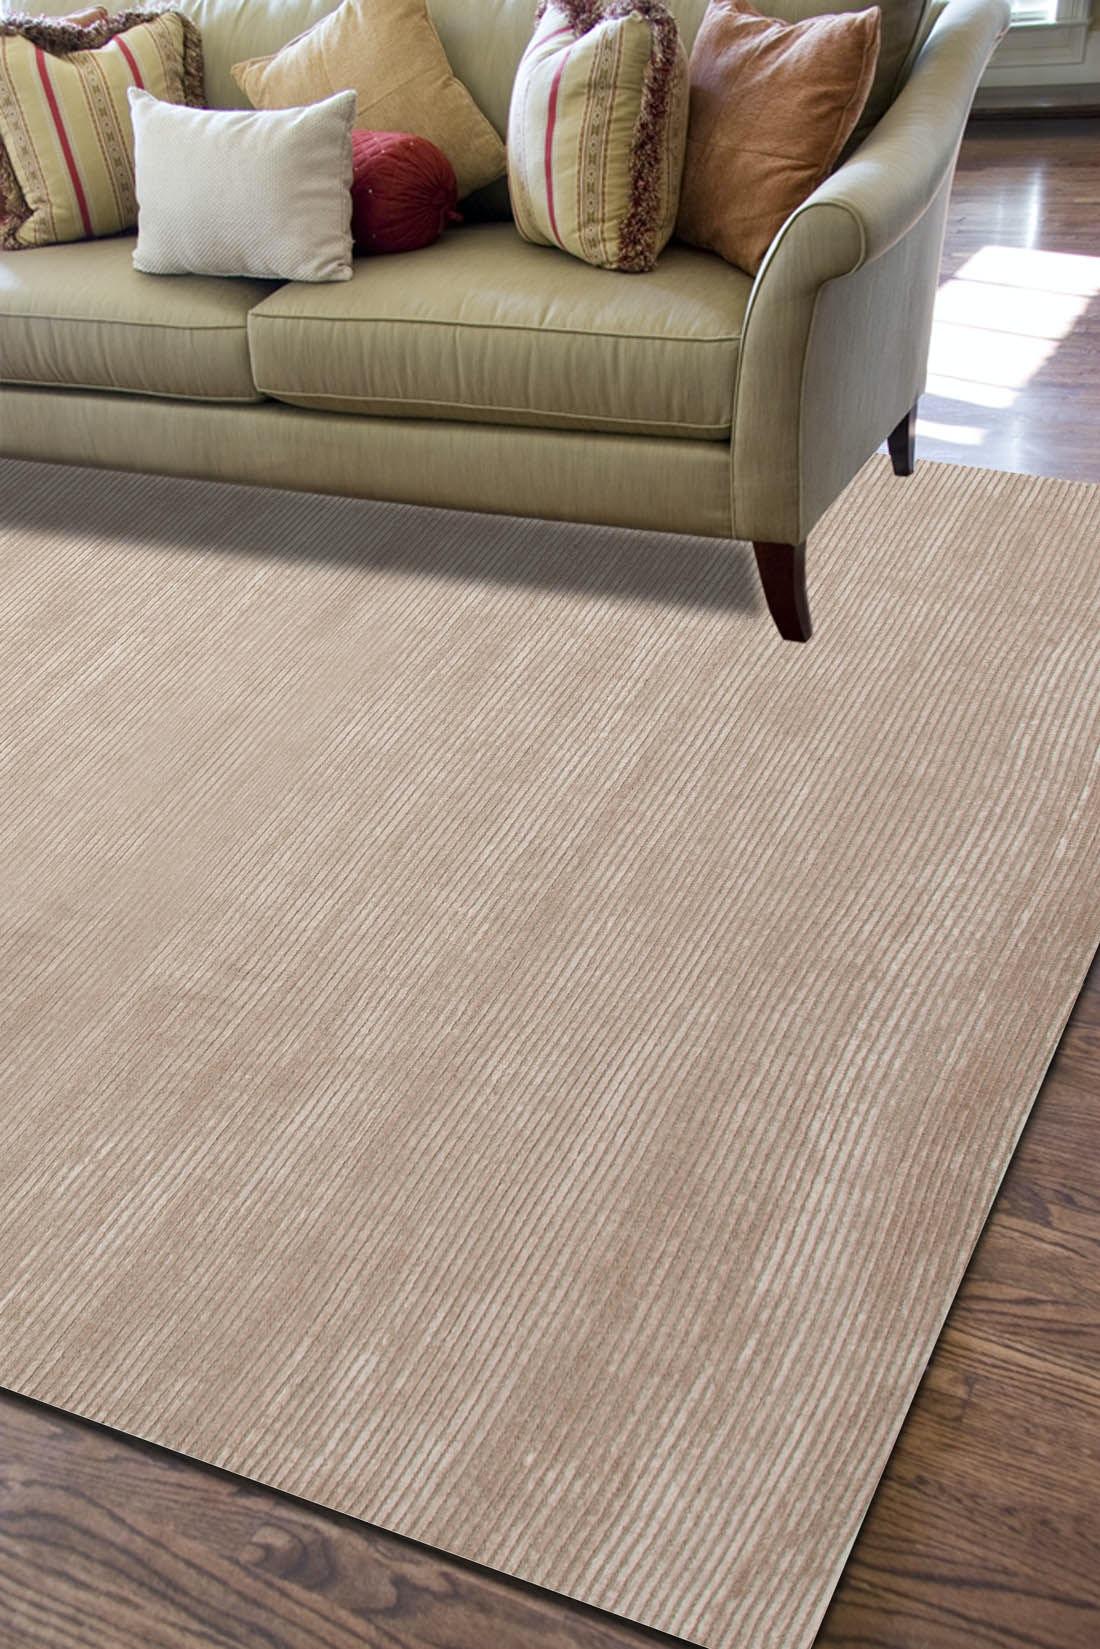 ... Jaipur Rugs Solids/ Handloom Solid Pattern Wool/ Art Silk Taupe/Tan Area  Rug ...